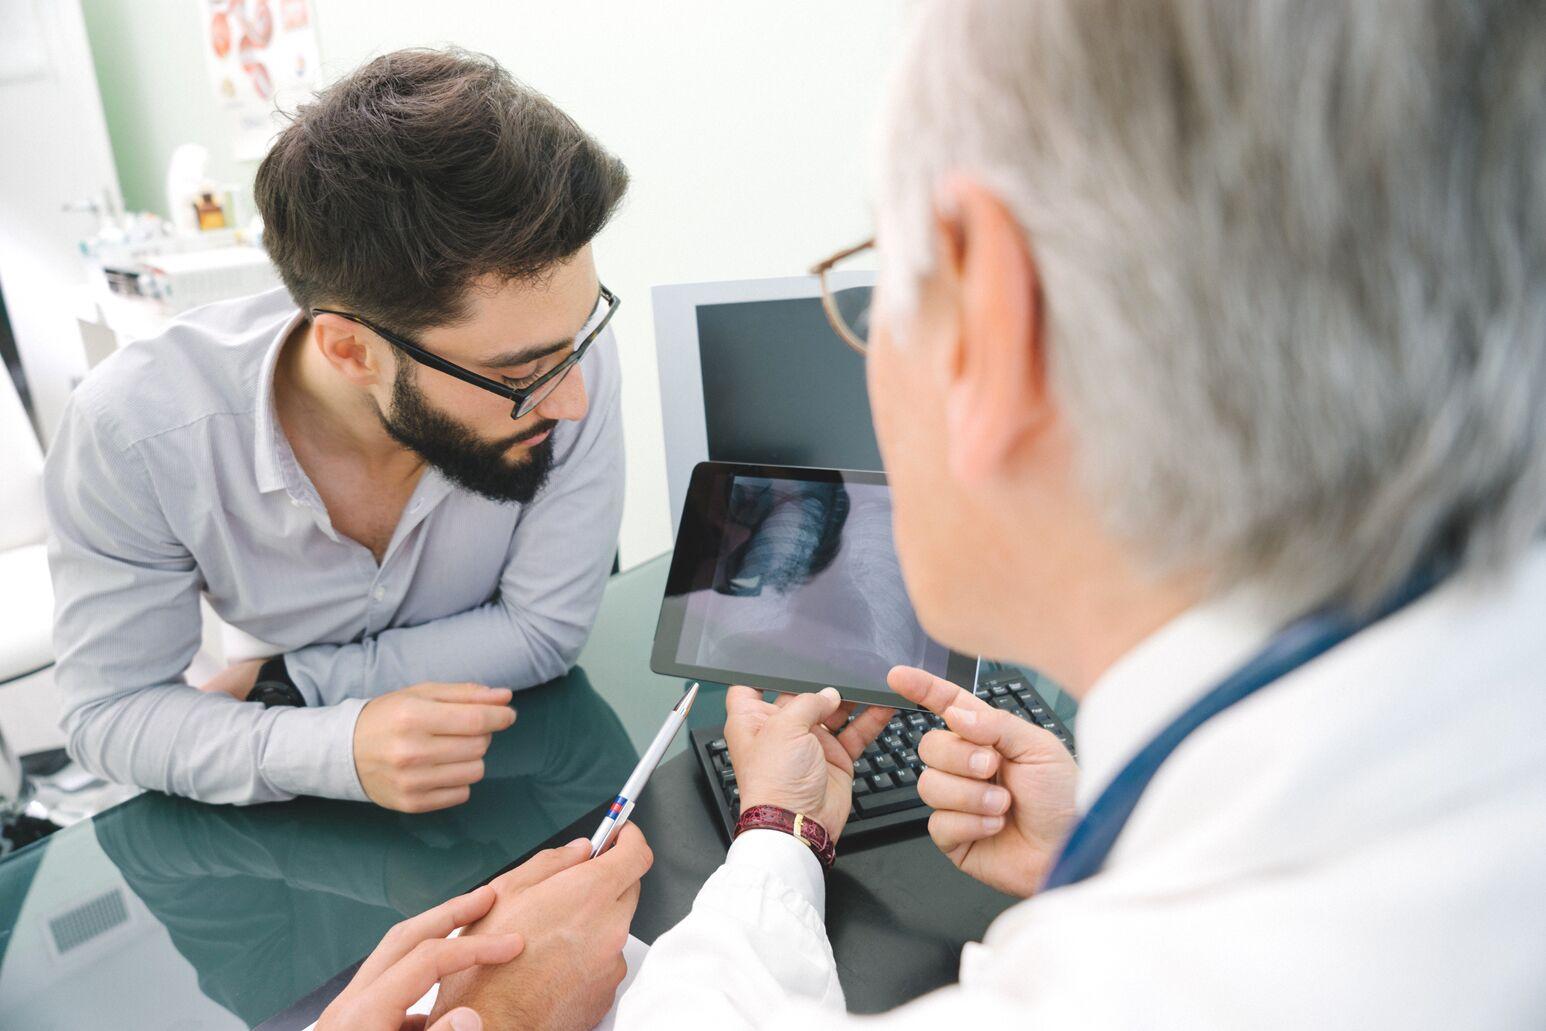 Clinicians review diagnostic imaging